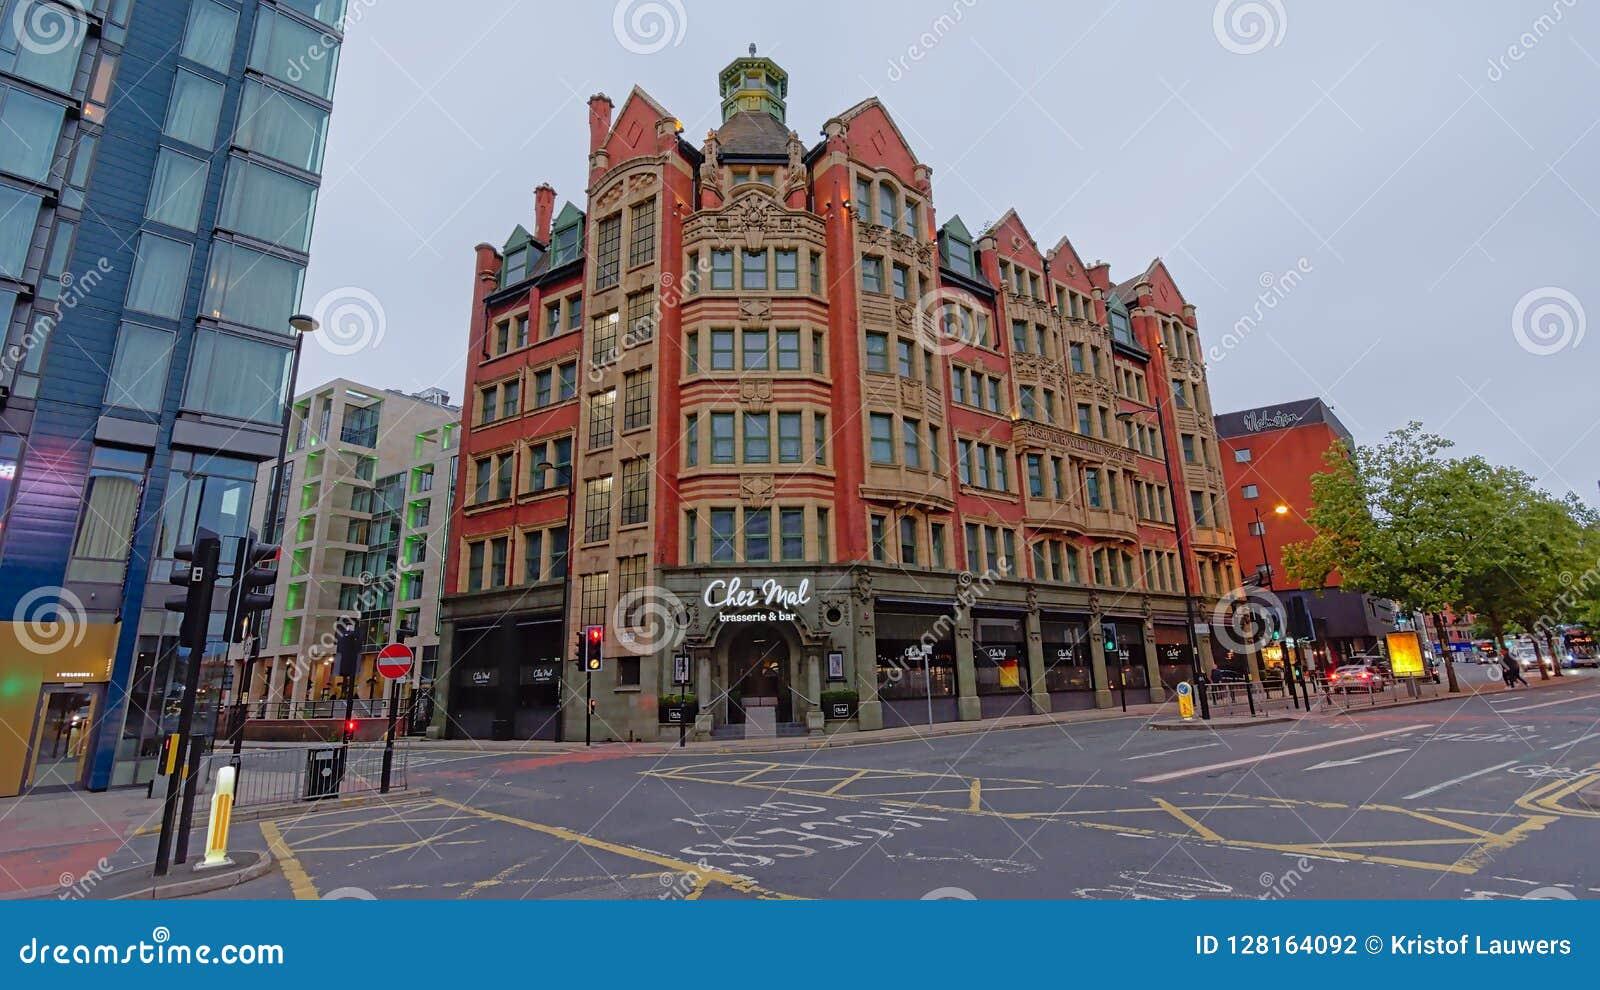 Bâtiment néoclassique avec des magasins dans les rues de Manchester